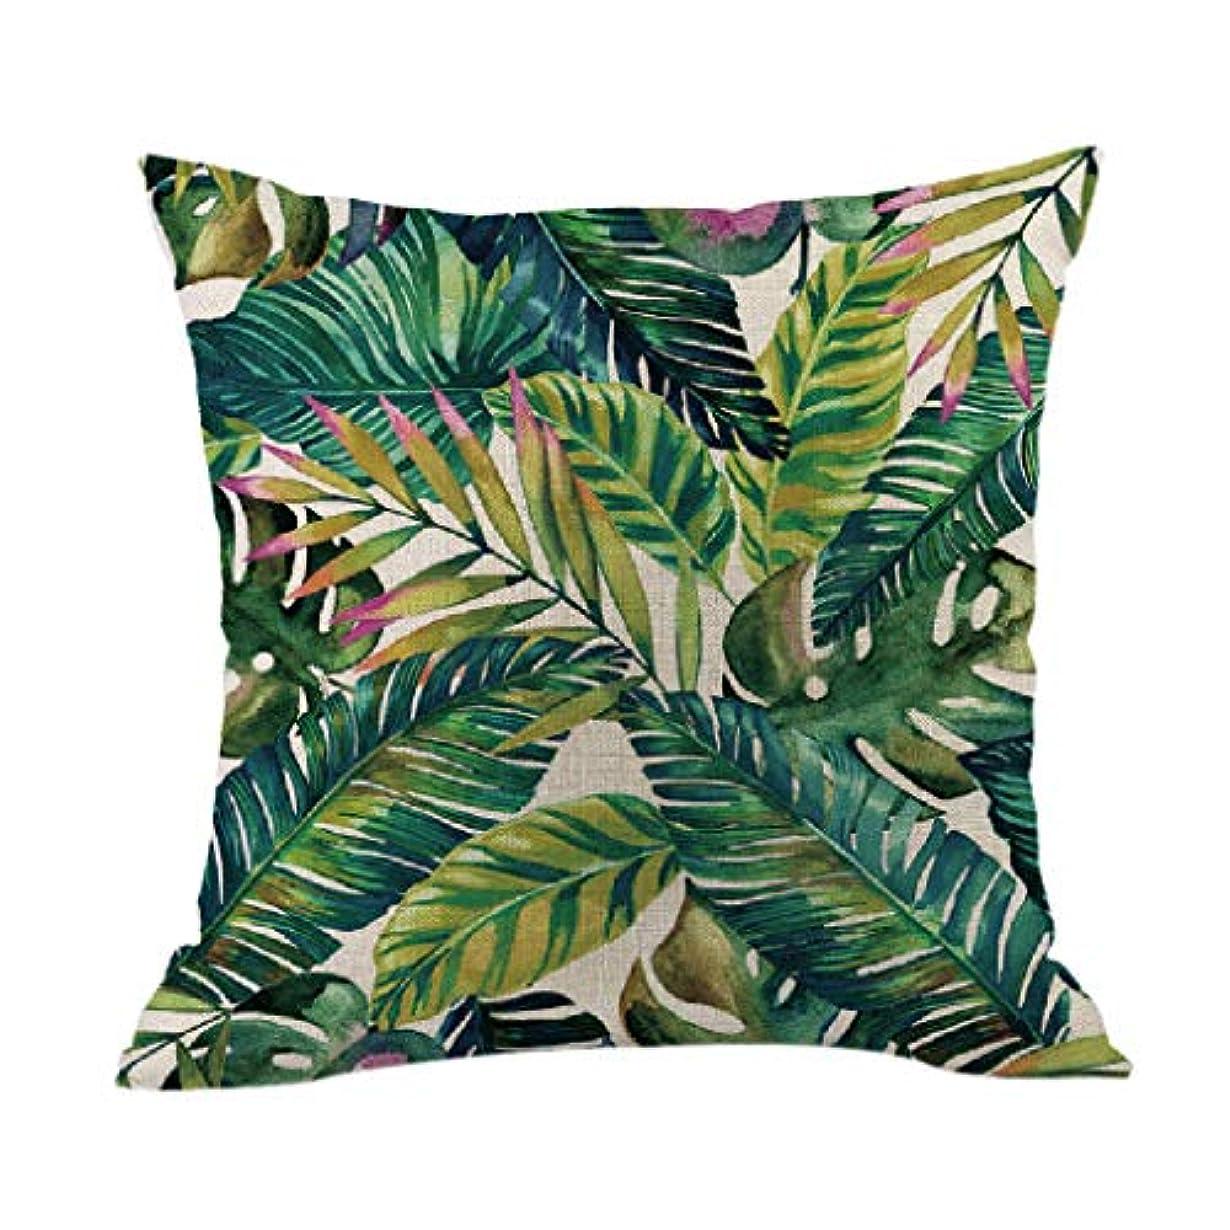 船尾ロイヤリティレバーSMART 高品質クッション熱帯植物ポリエステル枕ソファ投げるパッドセットホーム人格クッション coussin decoratif クッション 椅子